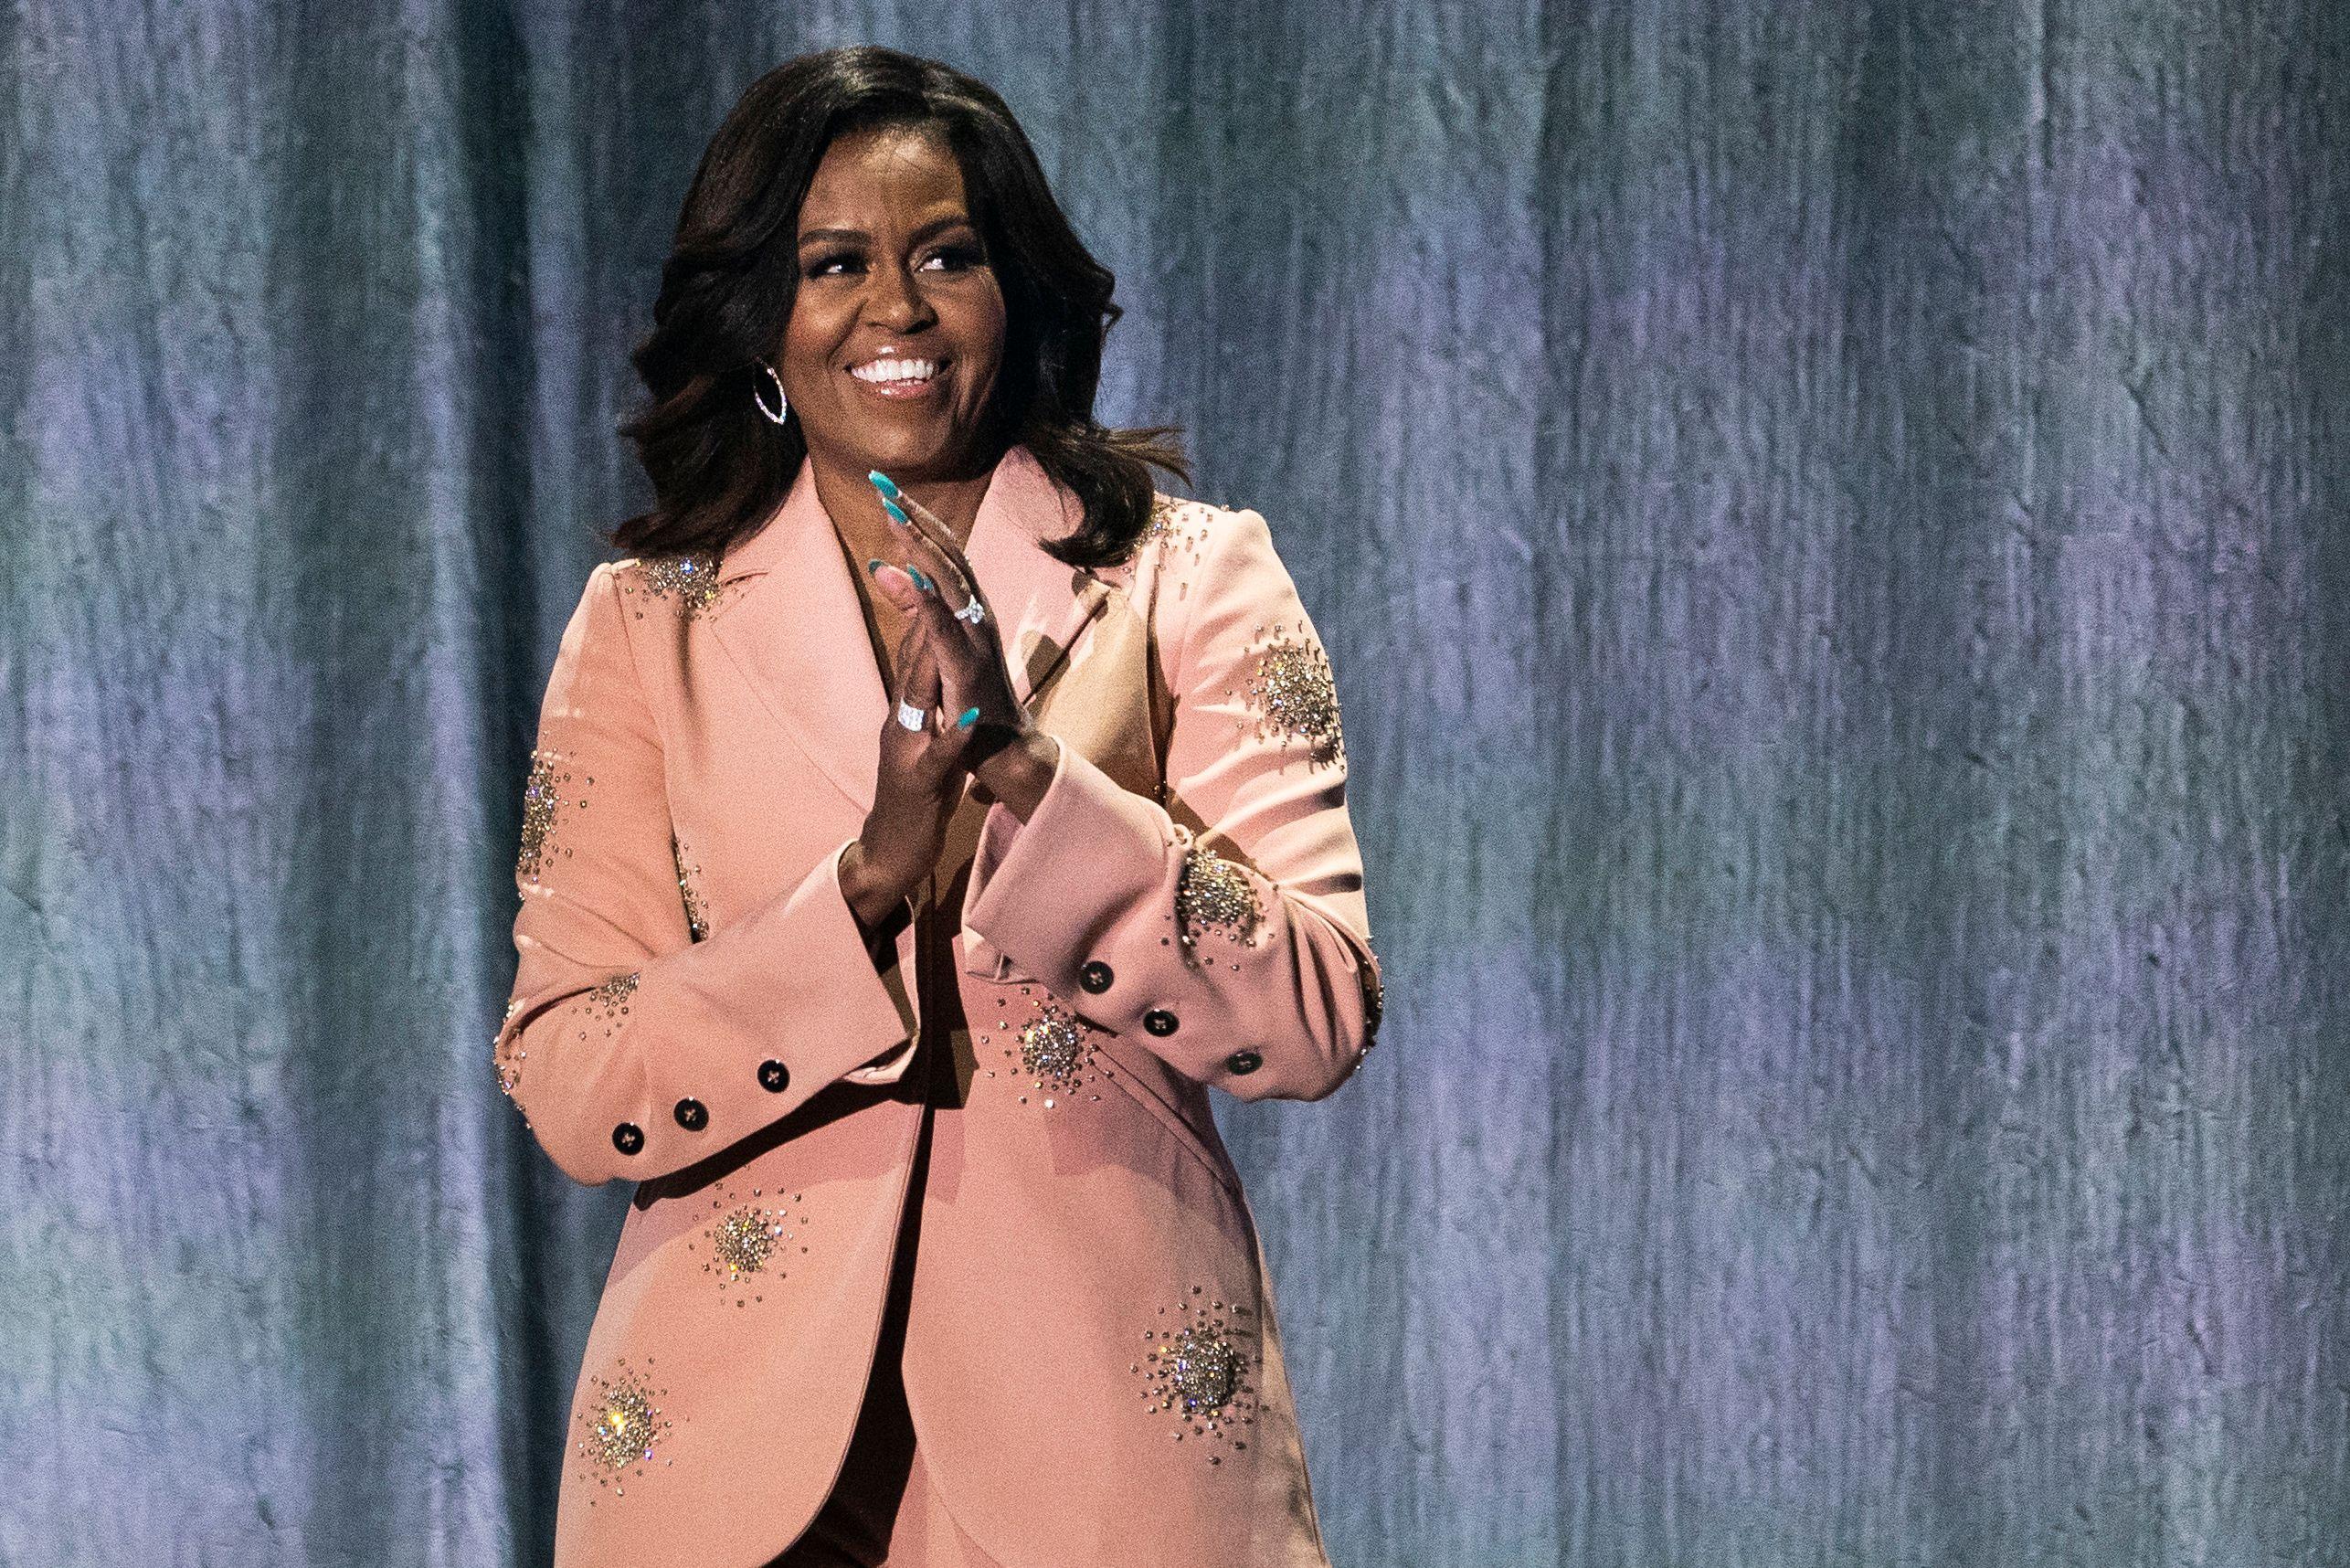 Michelle Obama won a Grammy last night